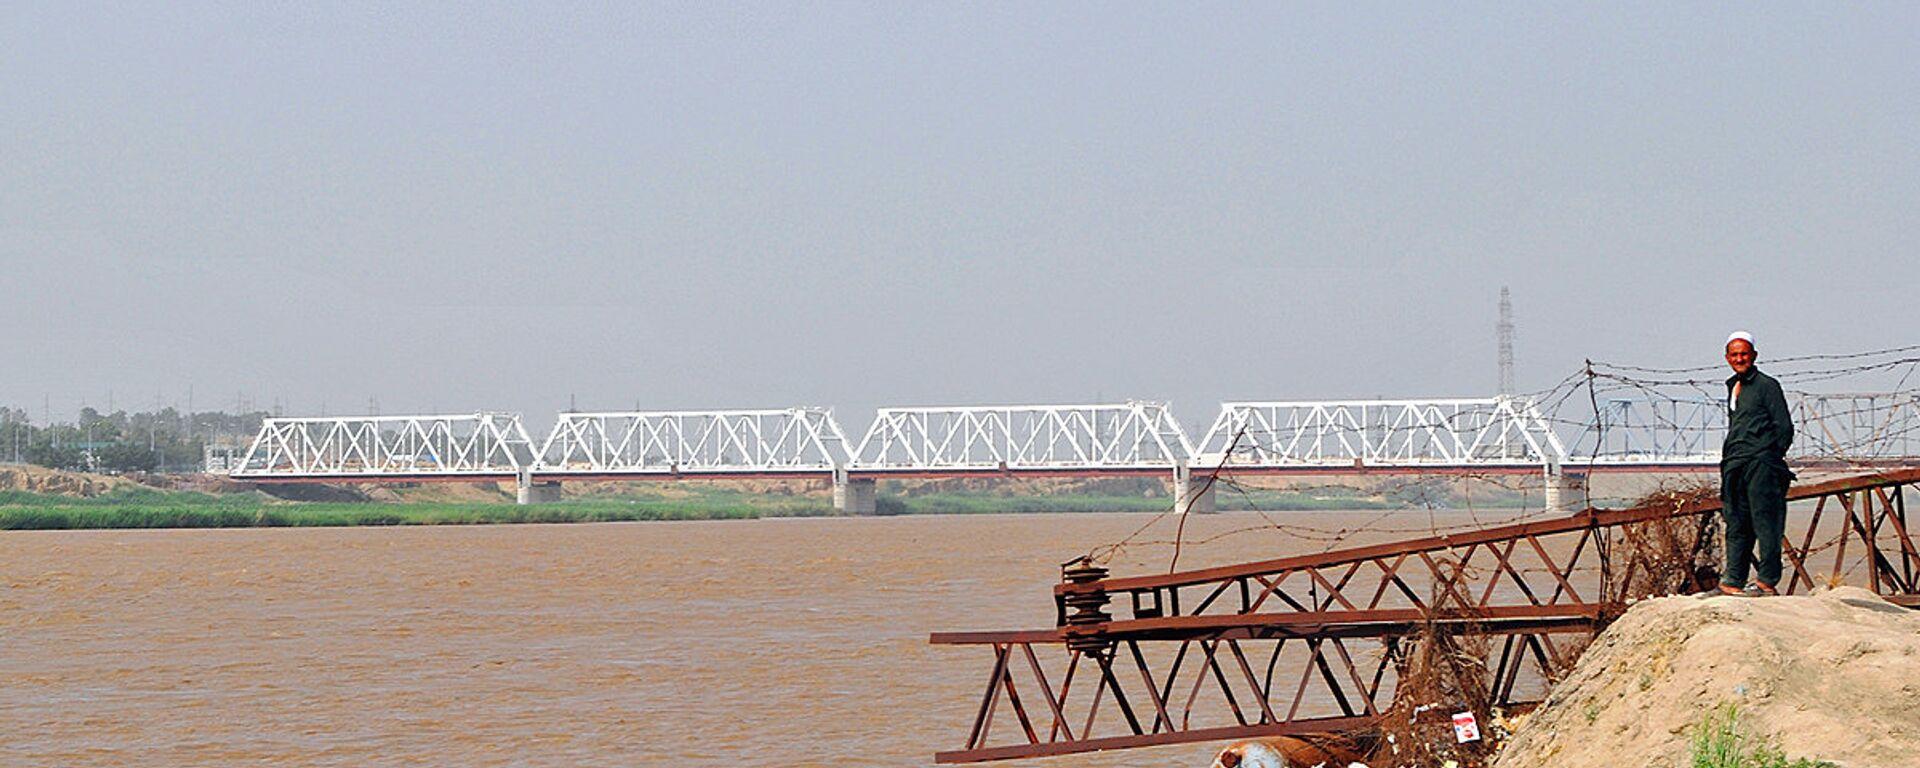 Pogranichnыy Most Drujbы Xayraton-Termez - predmet nostalgii po sovetsko-afganskoy drujbe - Sputnik Oʻzbekiston, 1920, 05.02.2021